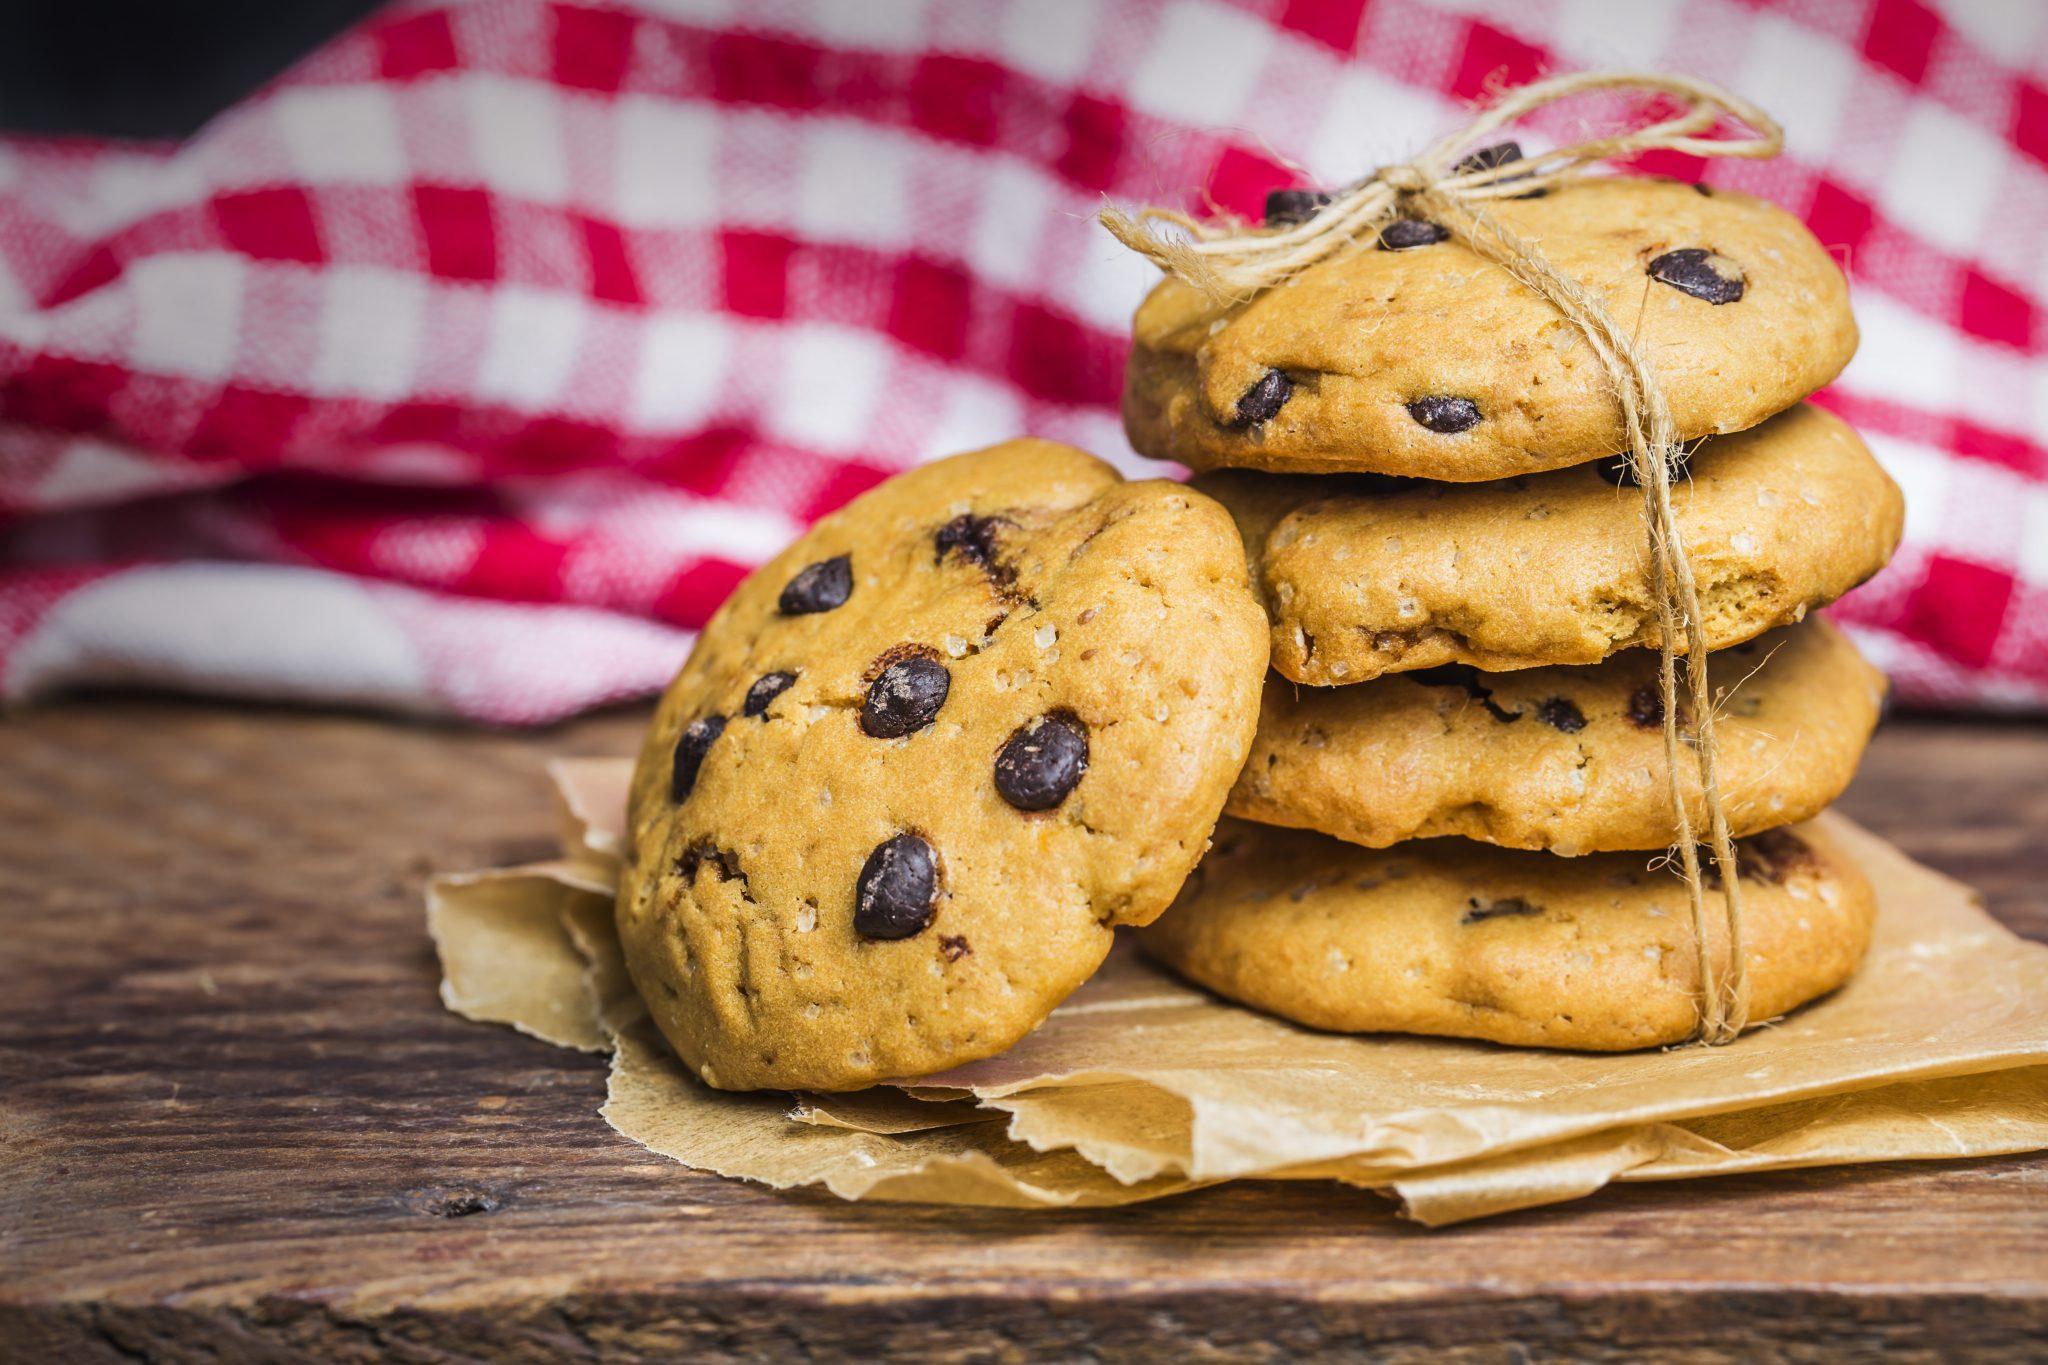 Los mejores plugins de cookies para WordPress gratis: ¿cuál utilizas?